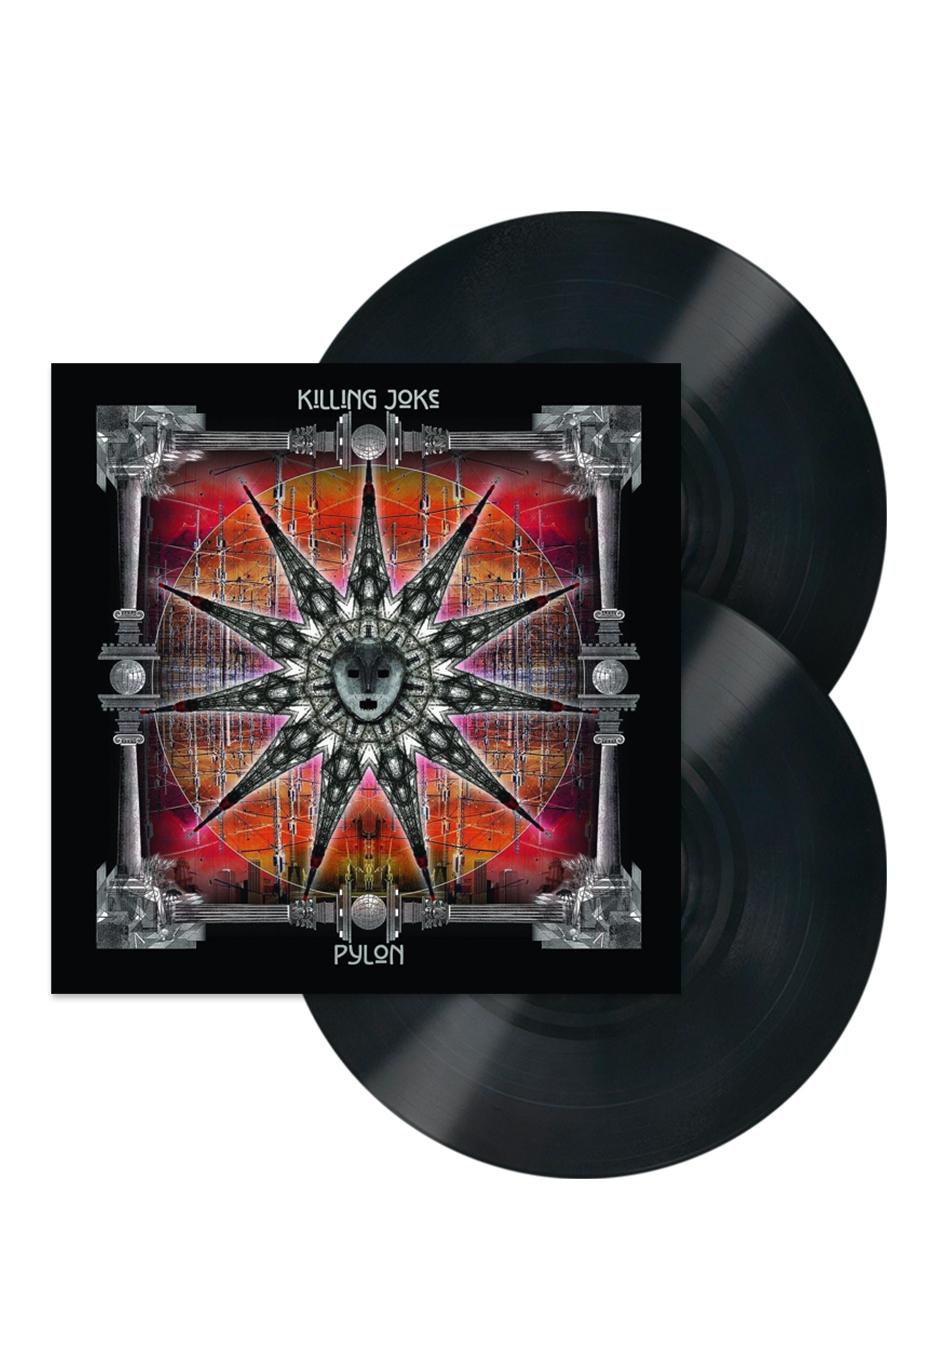 Killing Joke - Pylon - Vinyl